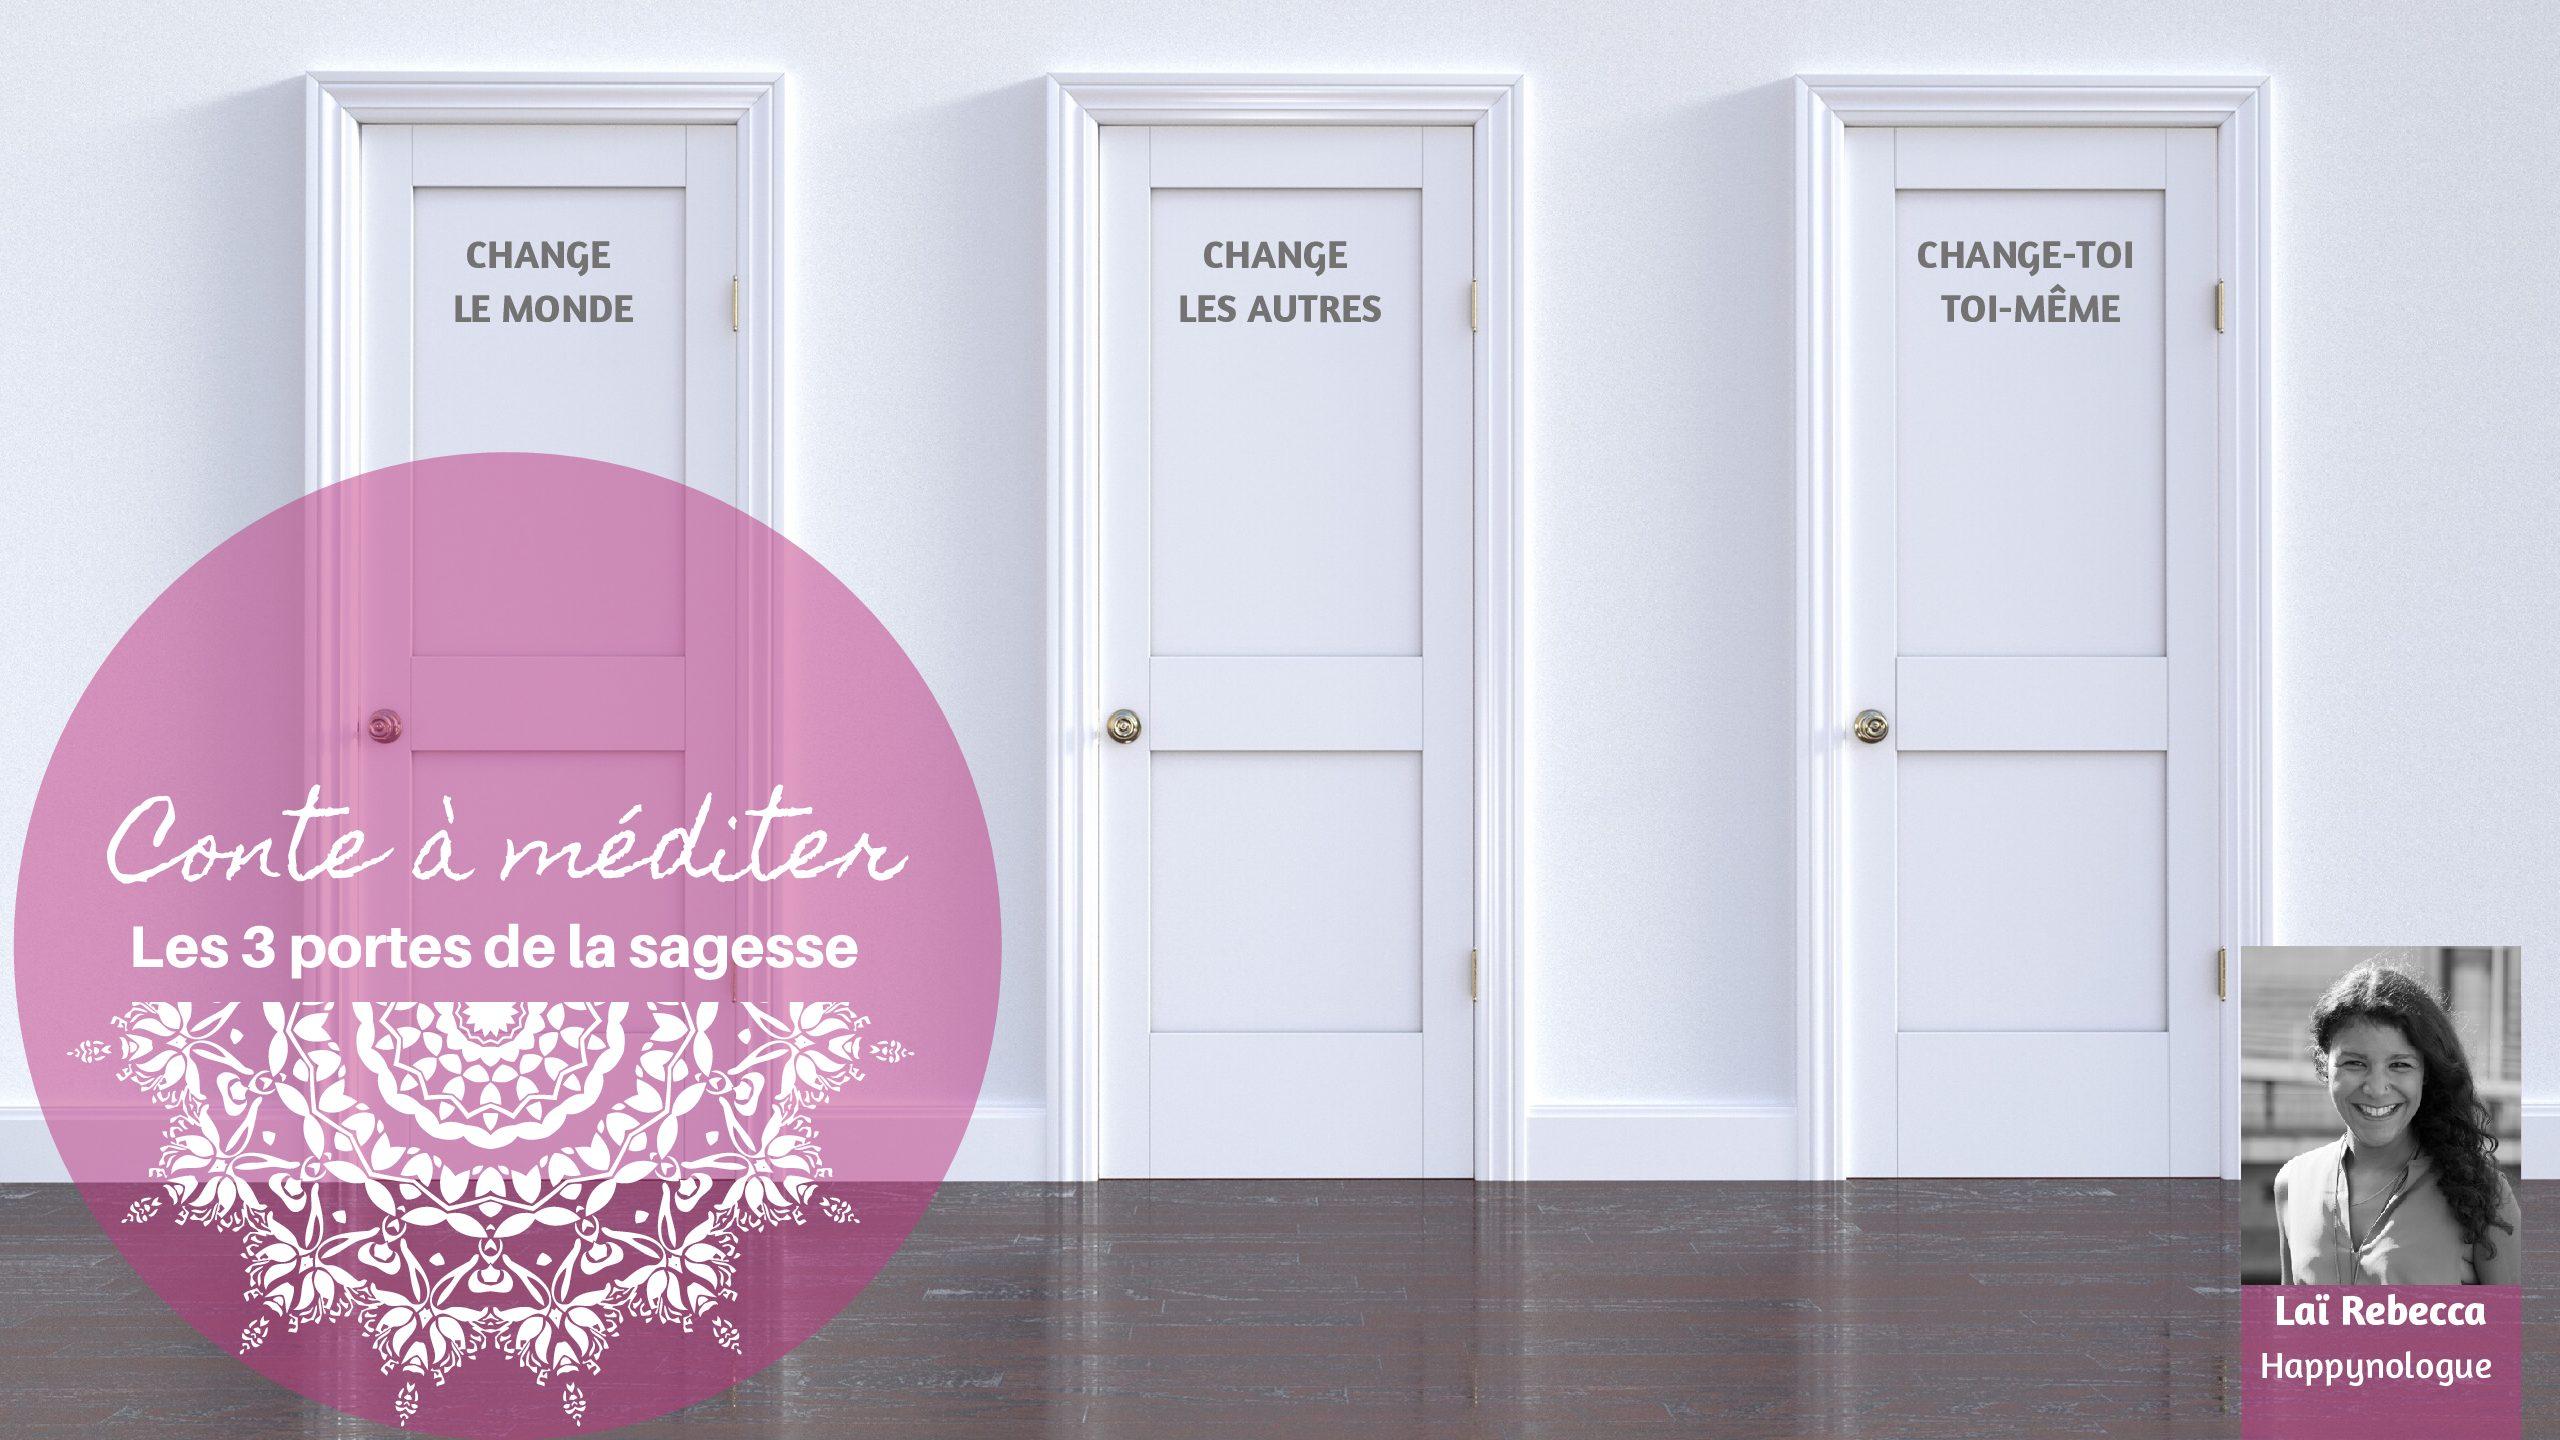 Conte méditatif : les 3 portes de la sagesse